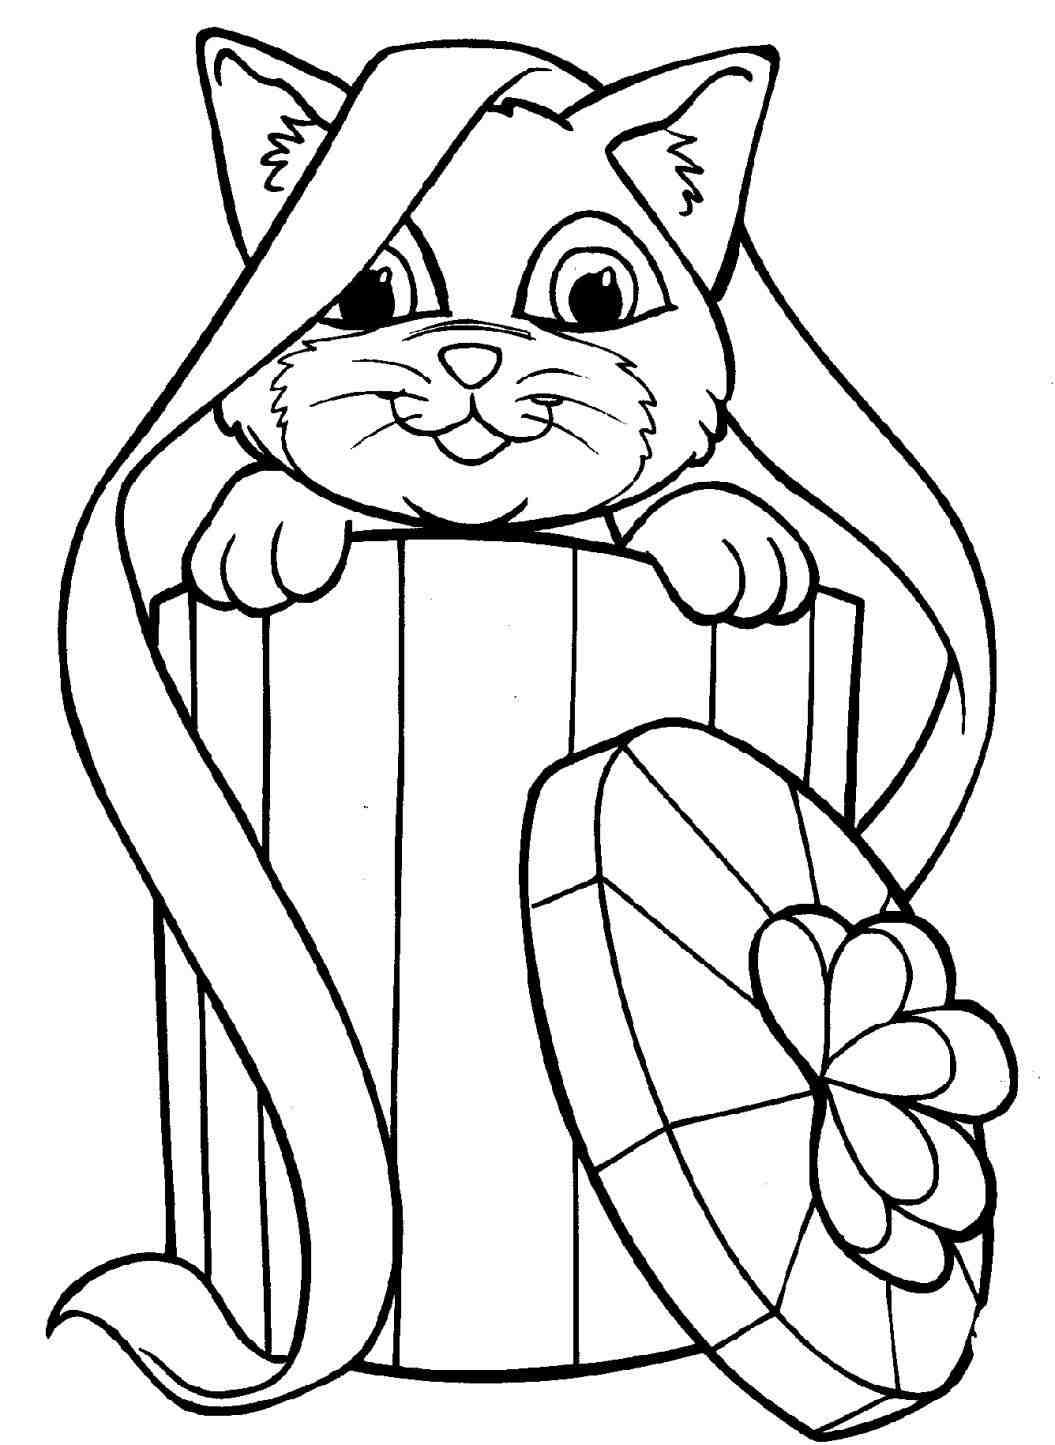 1055x1445 Drawings Hand Draw Sketchy Stock Vector Santa Clipart Santa